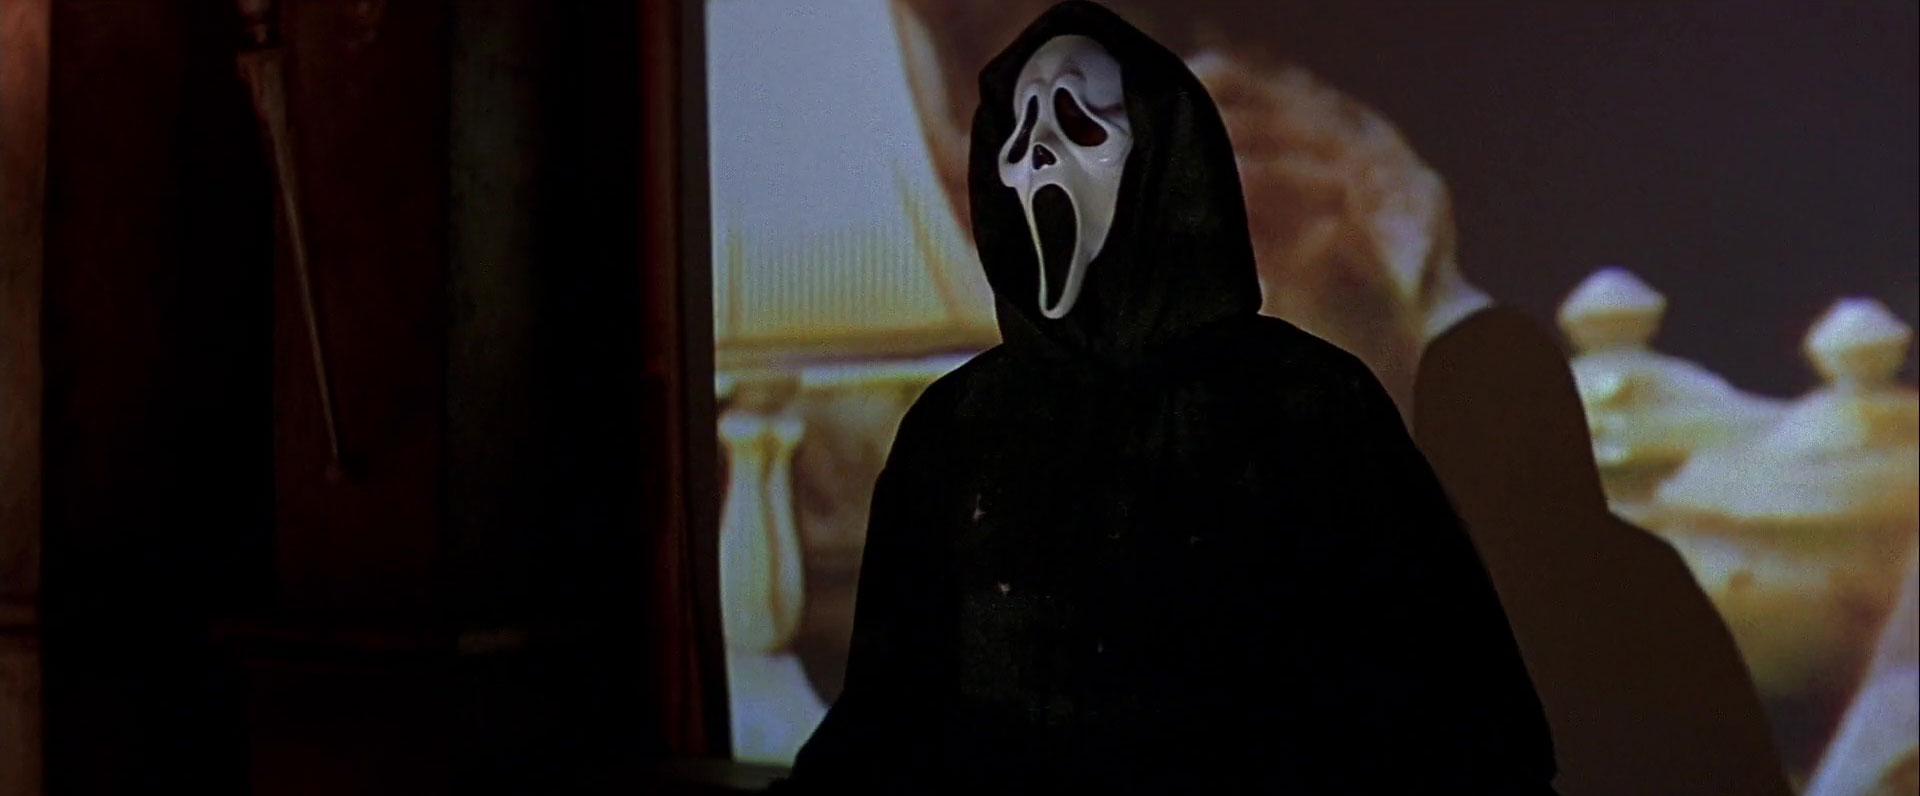 Image scream 3 disney dimension